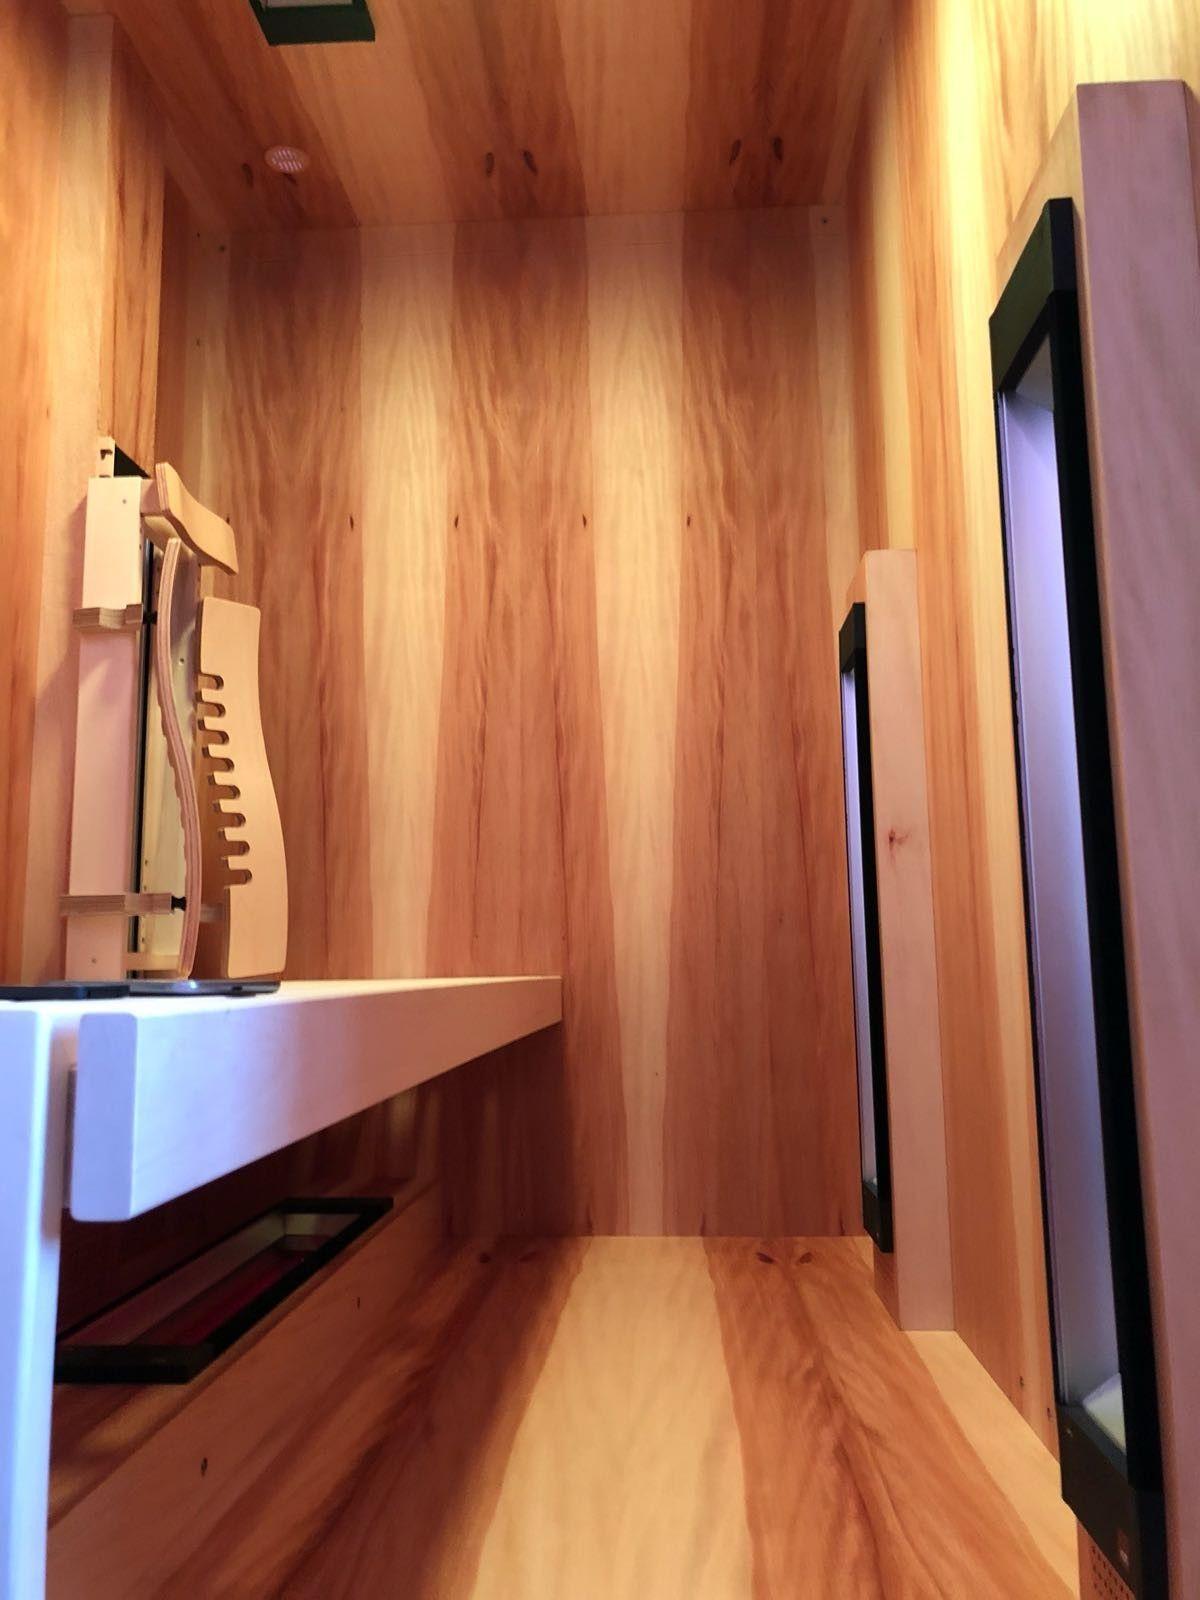 Einbau Einer Infrarotkabine Aus Kernahorn In Einem Badezimmer By Gurtner Wellness Gmbh Sauna Room Portable Sauna Traditional Saunas